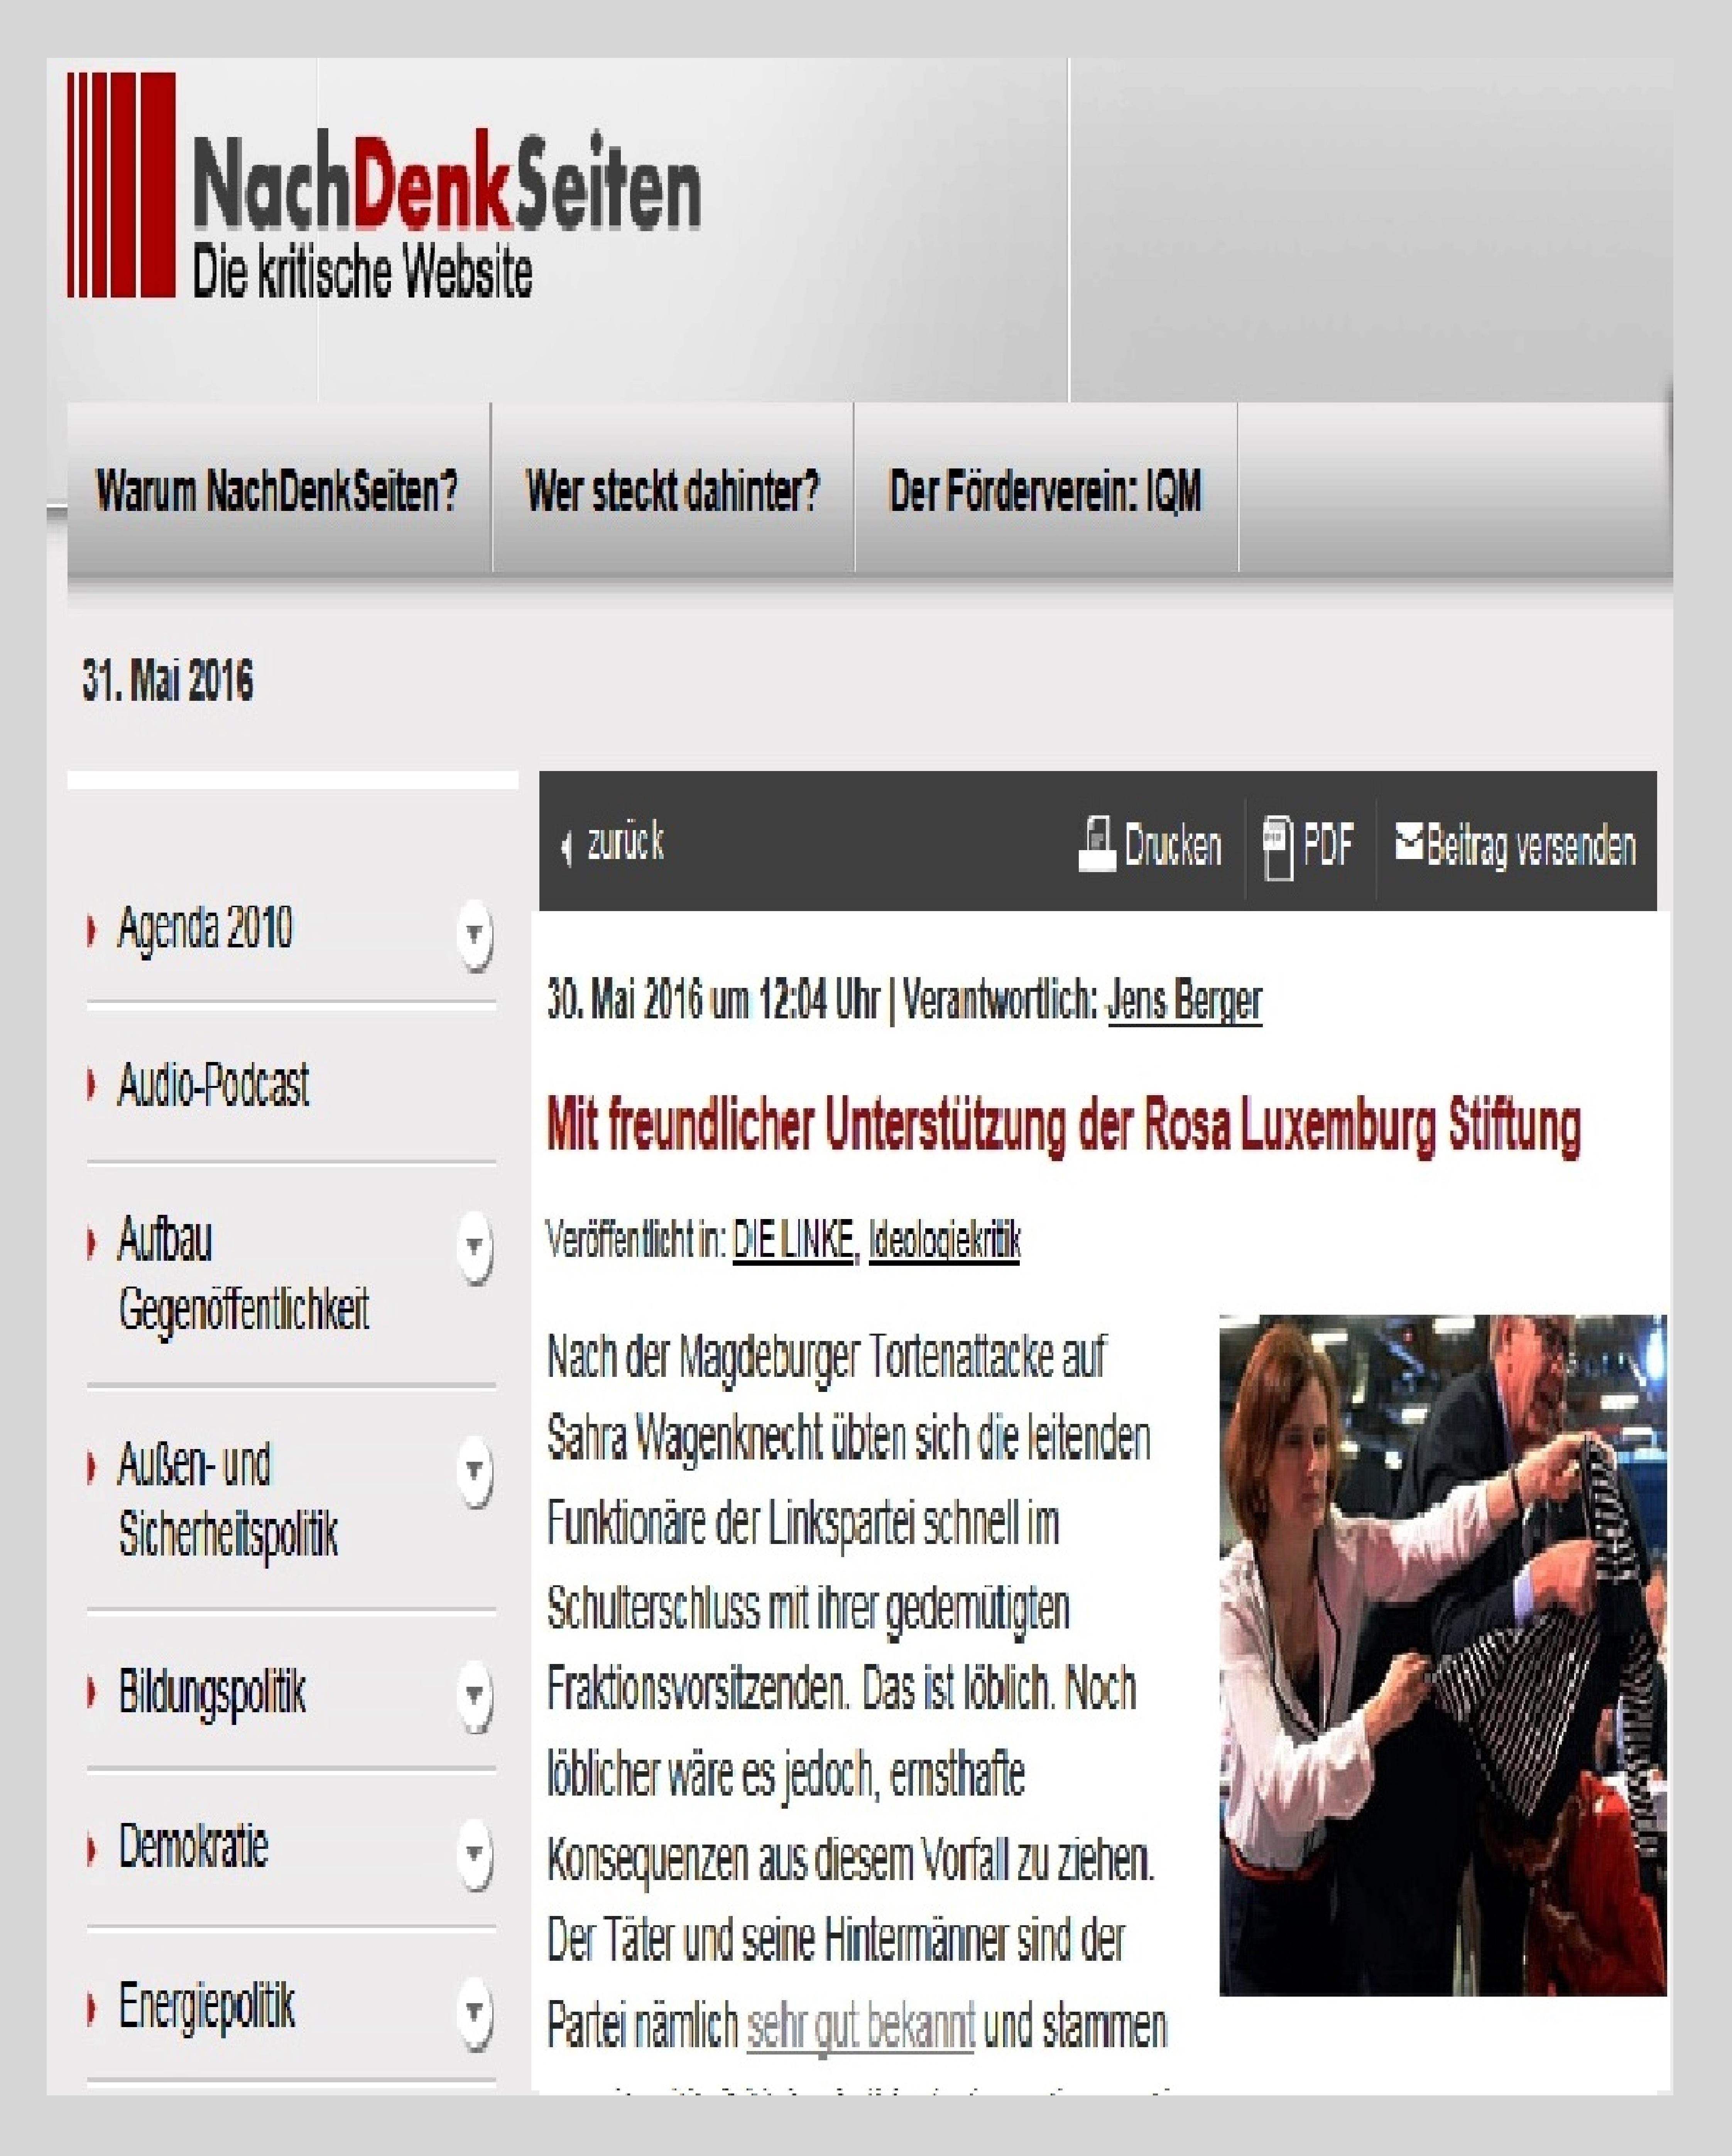 Mit freundlicher Unterst�tzung der Rosa Luxemburg Stiftung | NachDenkSeiten - Die kritische Website